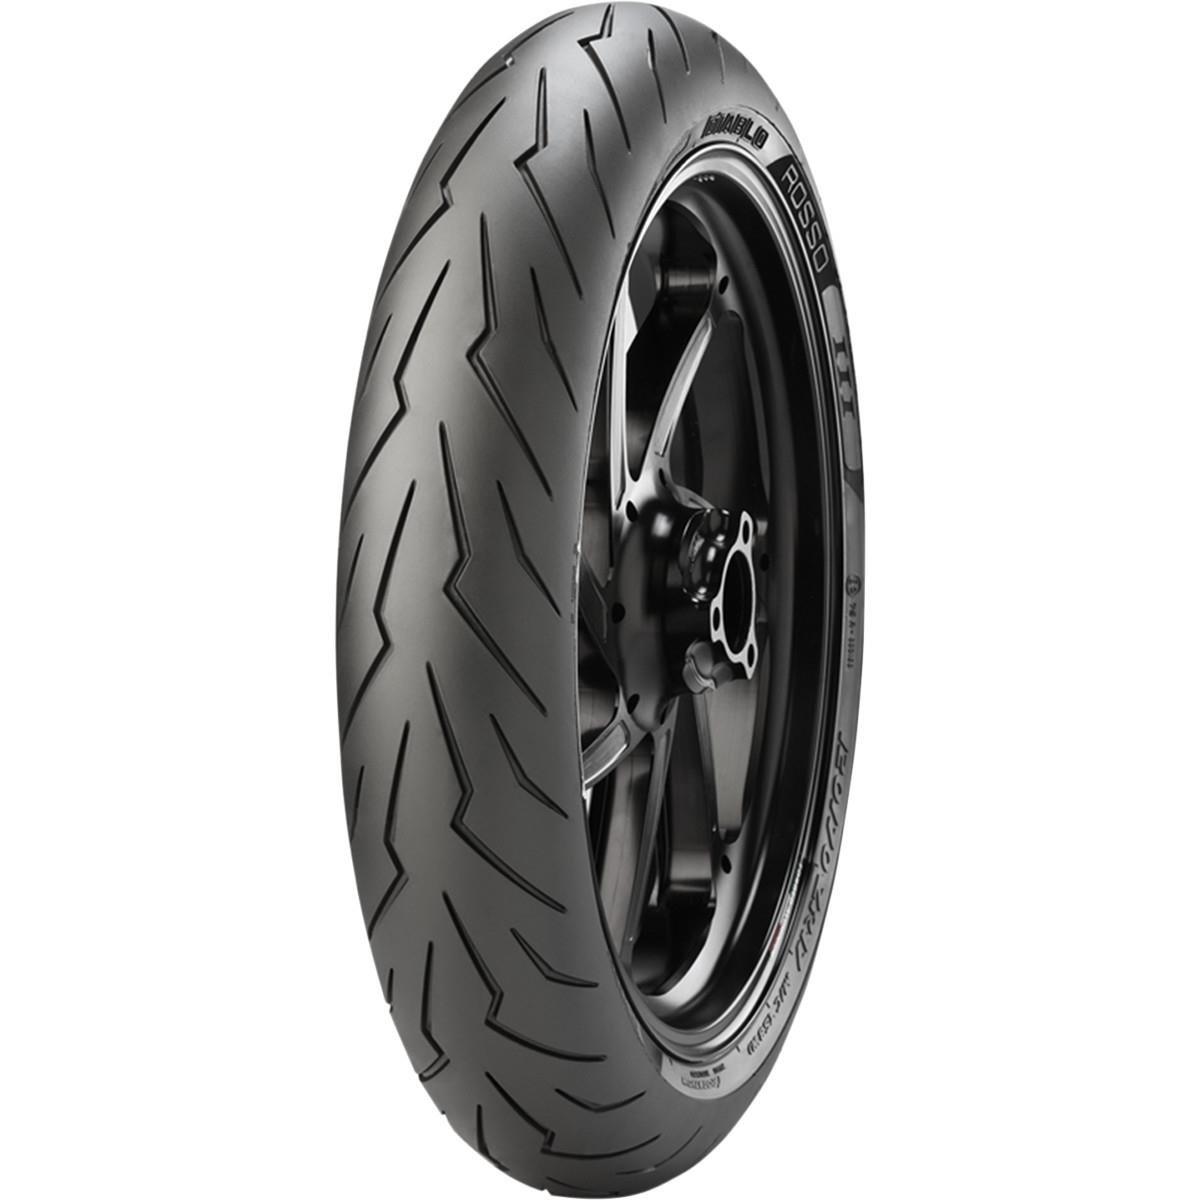 Pirelli 2807800 Pneumatico Moto Diablo Rosso 3